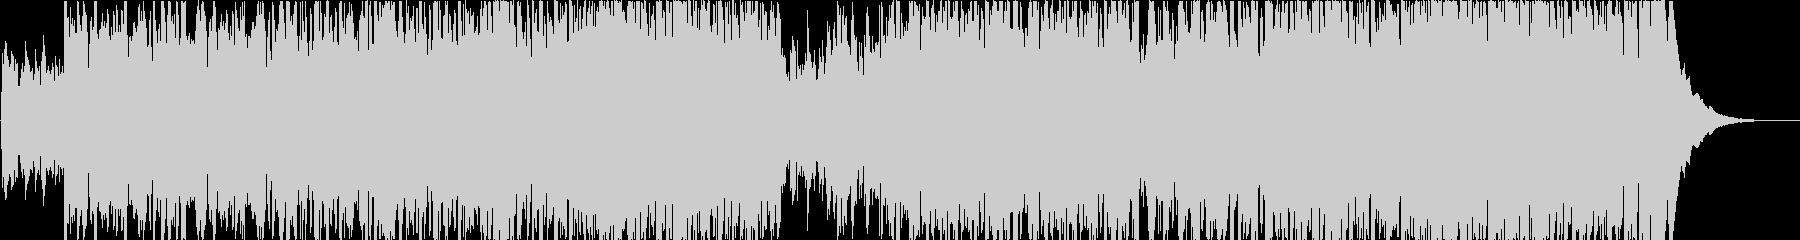 フィドルとホイッスルのアイリッシュ音楽の未再生の波形